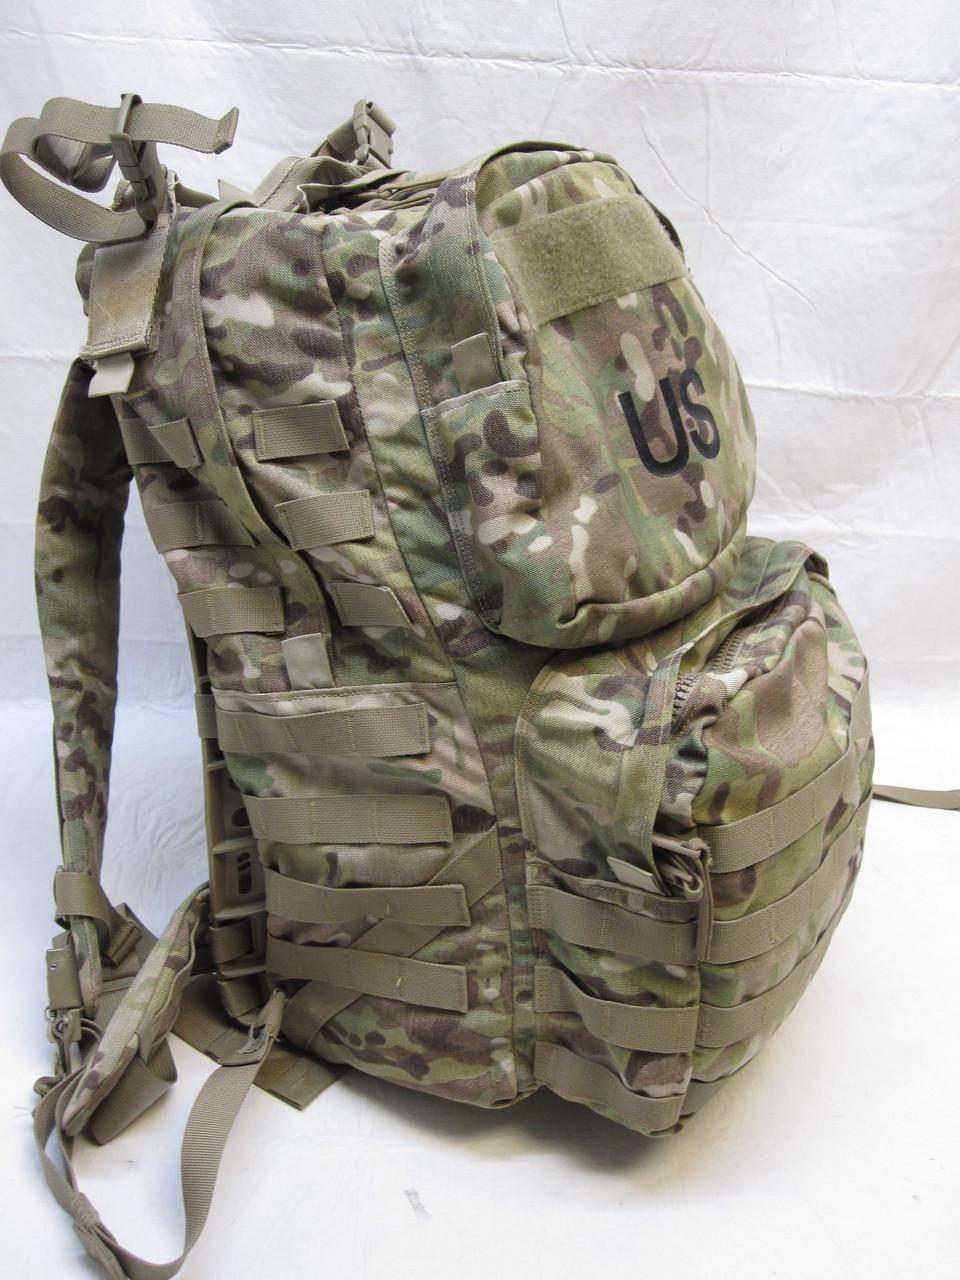 COMPLETE ARMY OCP MOLLE MEDIUM RUCKSACK W/ SHOULDER STRAPS FRAME & WAIST BELT